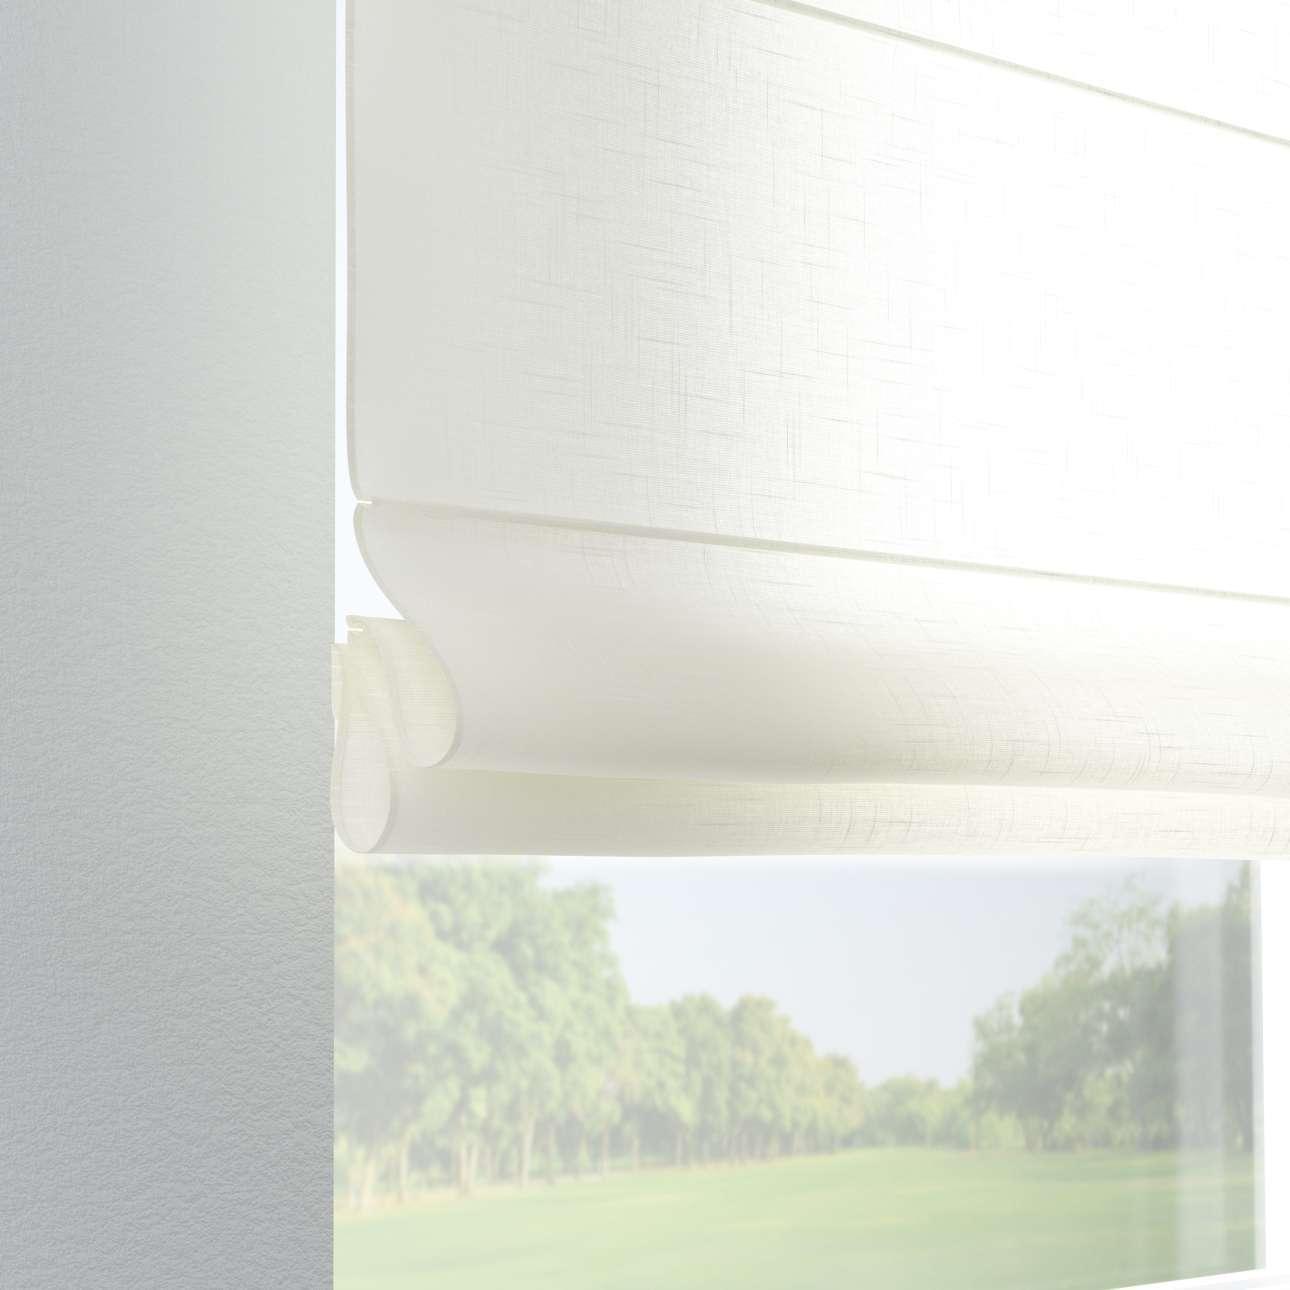 Foldegardin Verona<br/>Med stropper til gardinstang 80 x 170 cm fra kollektionen Romantik, Stof: 128-88